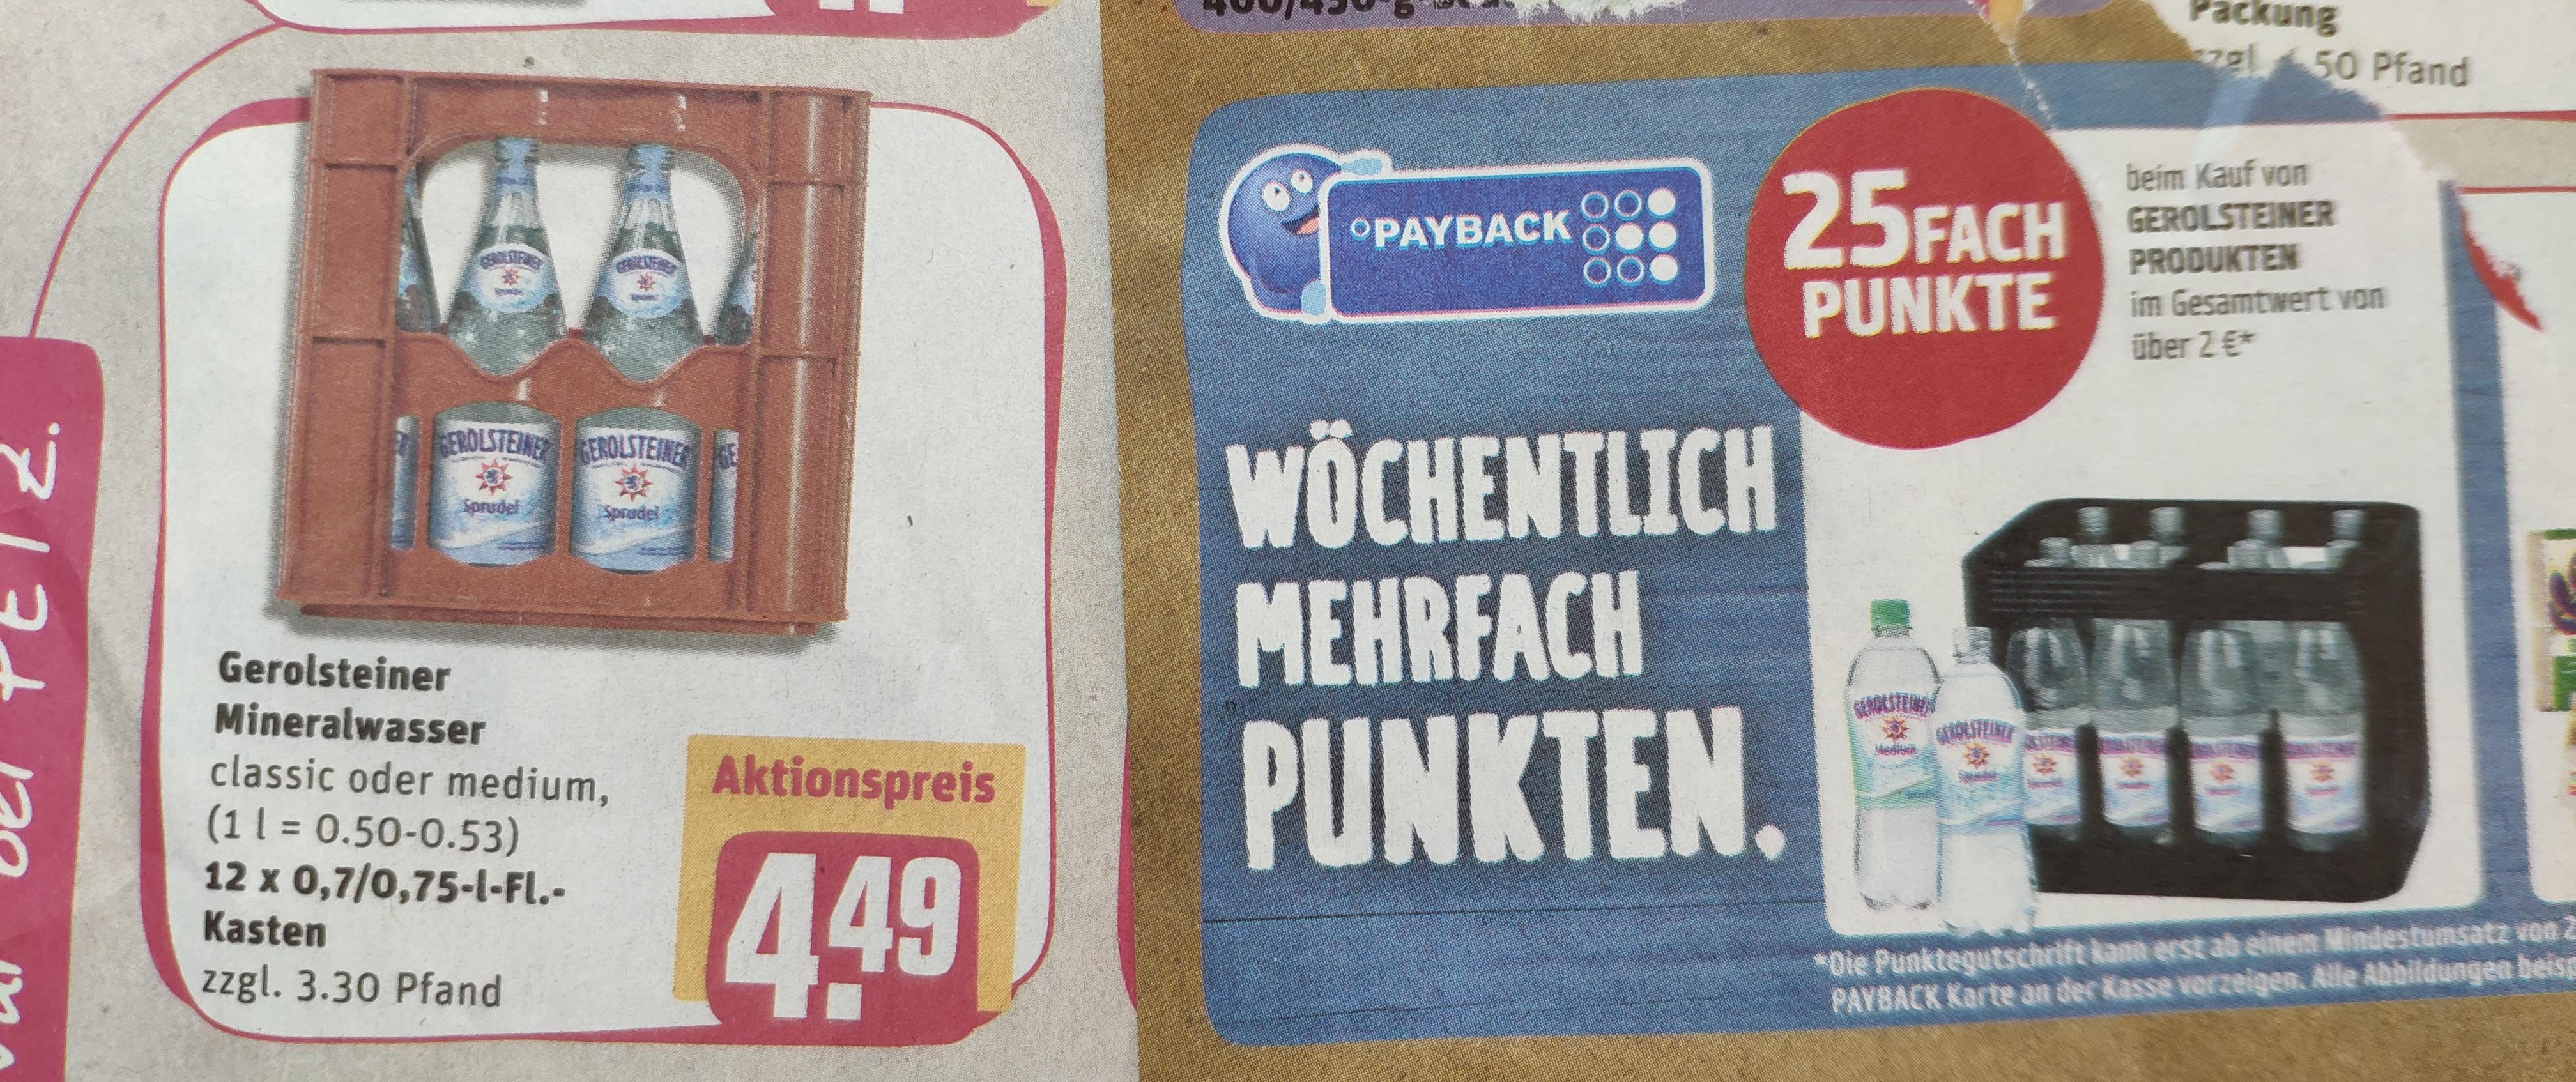 [Lokal, Rewe Bonn/Rhein-Sieg] Gerolsteiner + 25-fach Payback Punkte - Medium und Sprudel